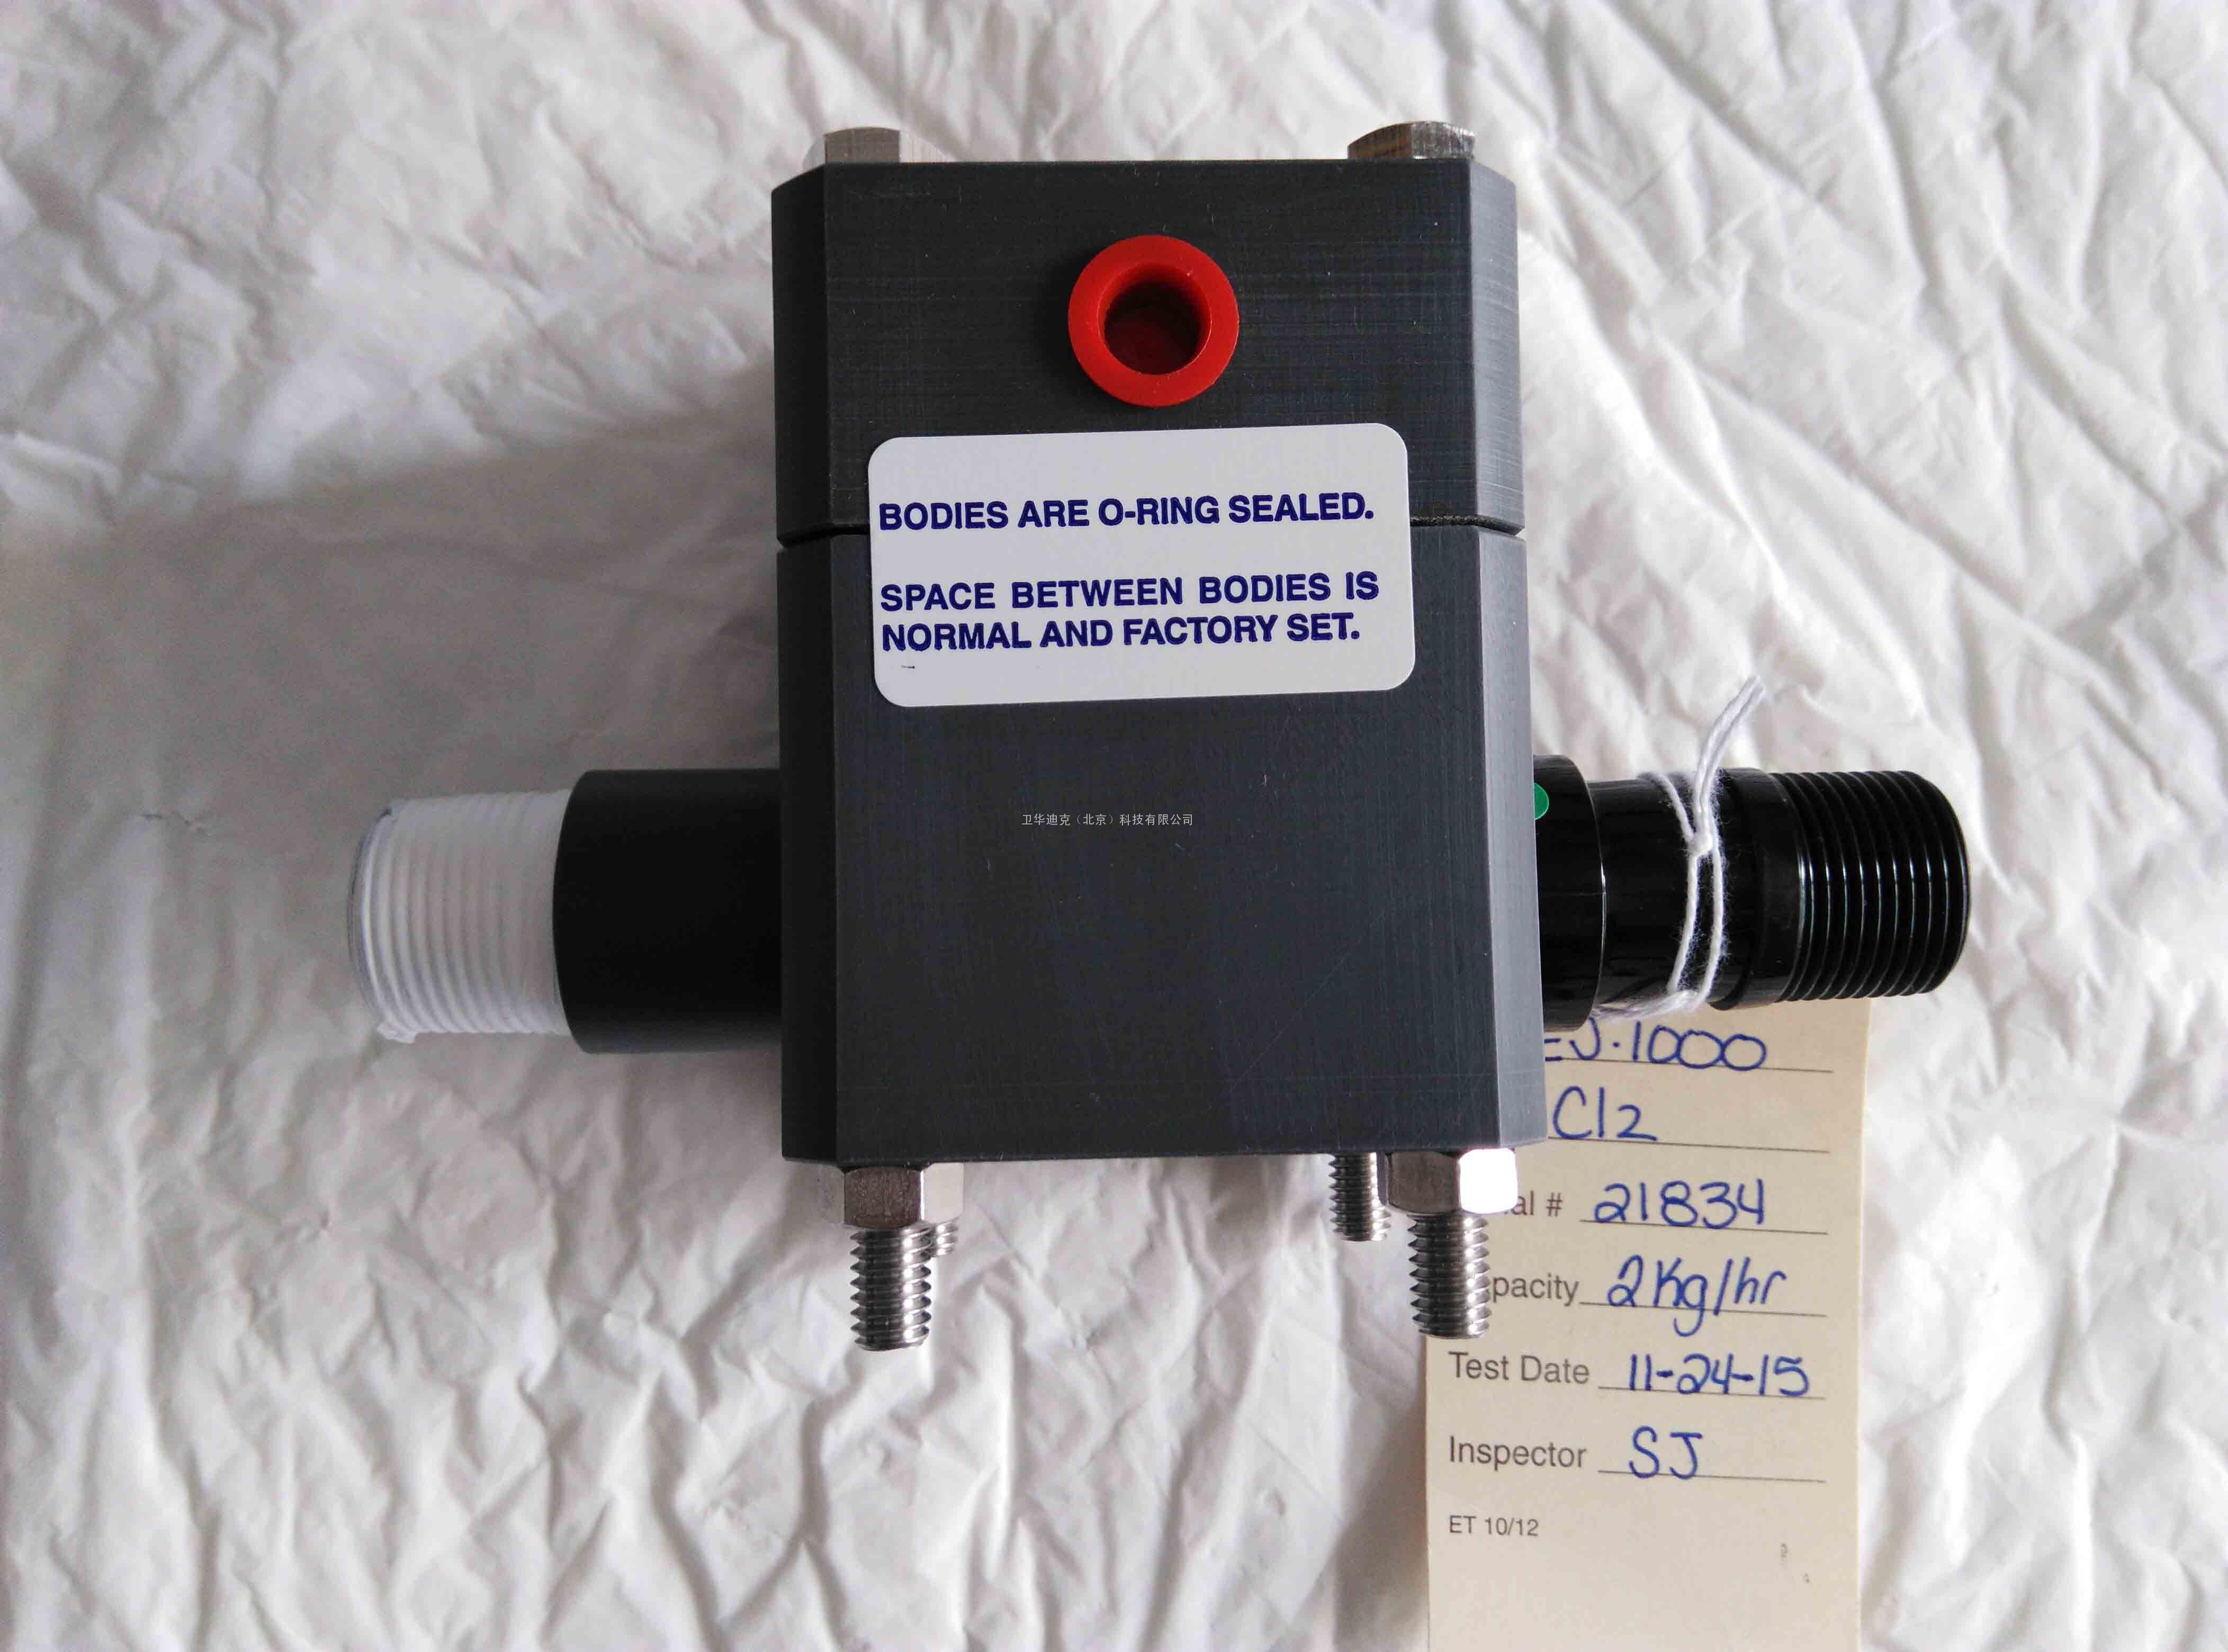 EJ-1000型加氯机用水射器